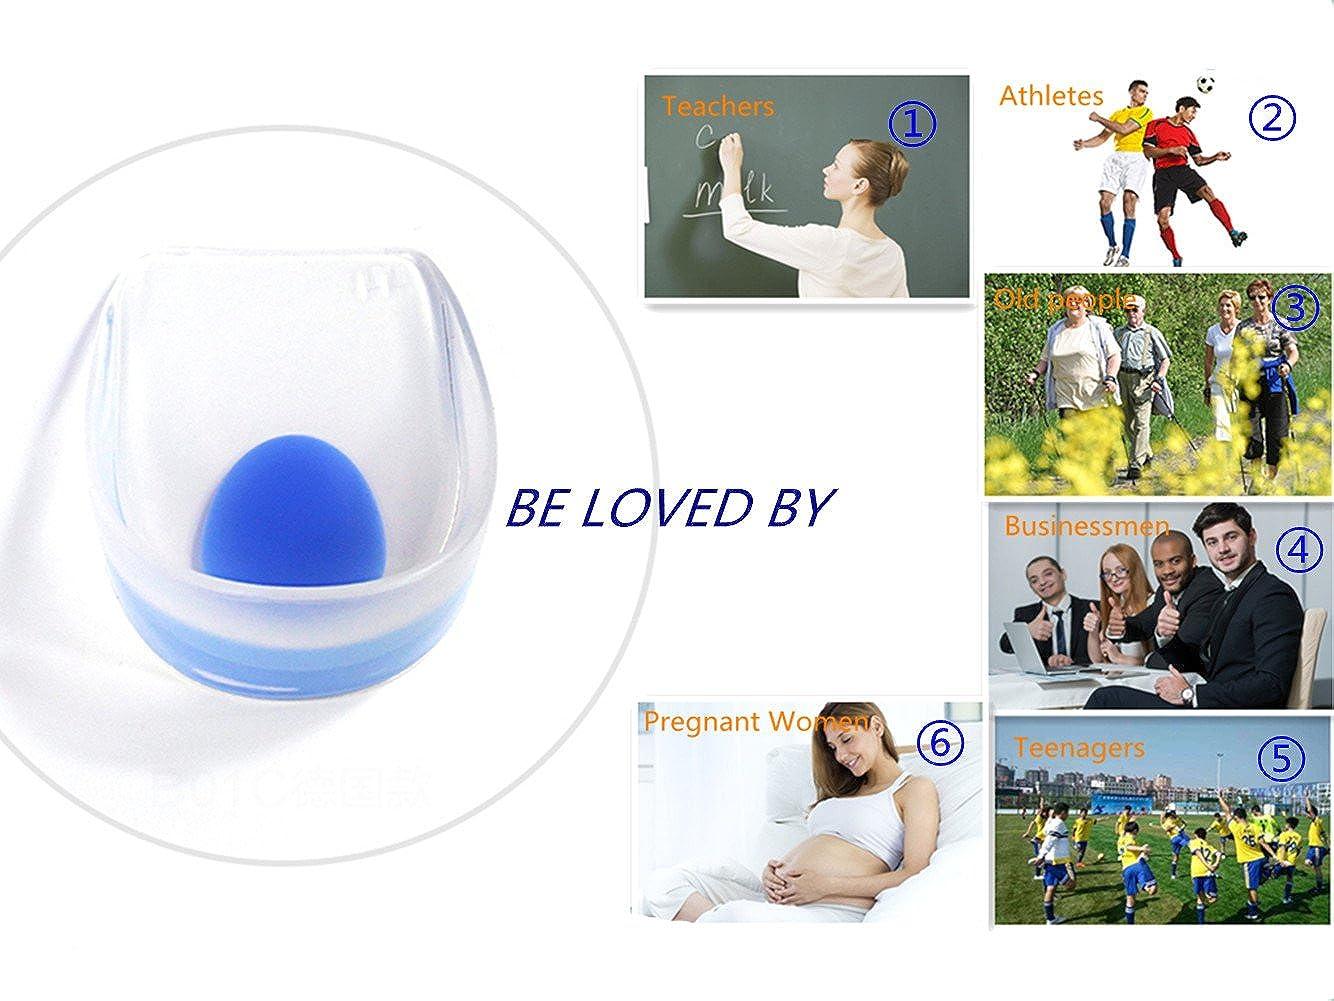 espfree Heel Cups Semelles Grandissantes et Orthop/édiques Talonnettes en Gel de Silicone Coussinets plantaires et pour le talon Confort Anti-choc Homme Femme bleu+blanche